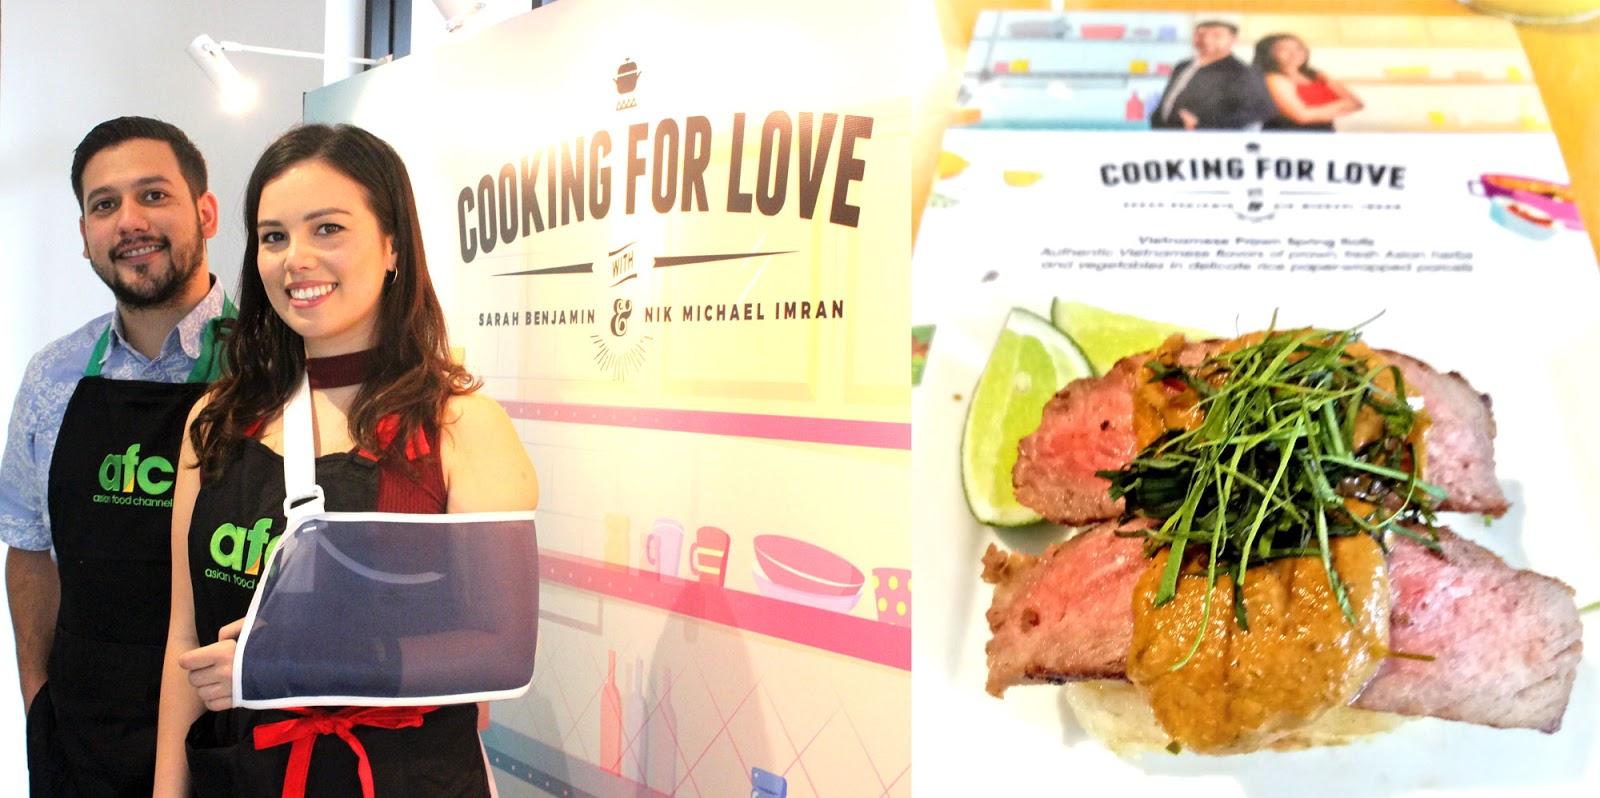 Cooking for love ala chef nik dan sarah bareng asian food channel seperti dihadirkan oleh asian food channel dengan demo masak di musim ketiga atau terbarunya dari cooking for love forumfinder Gallery